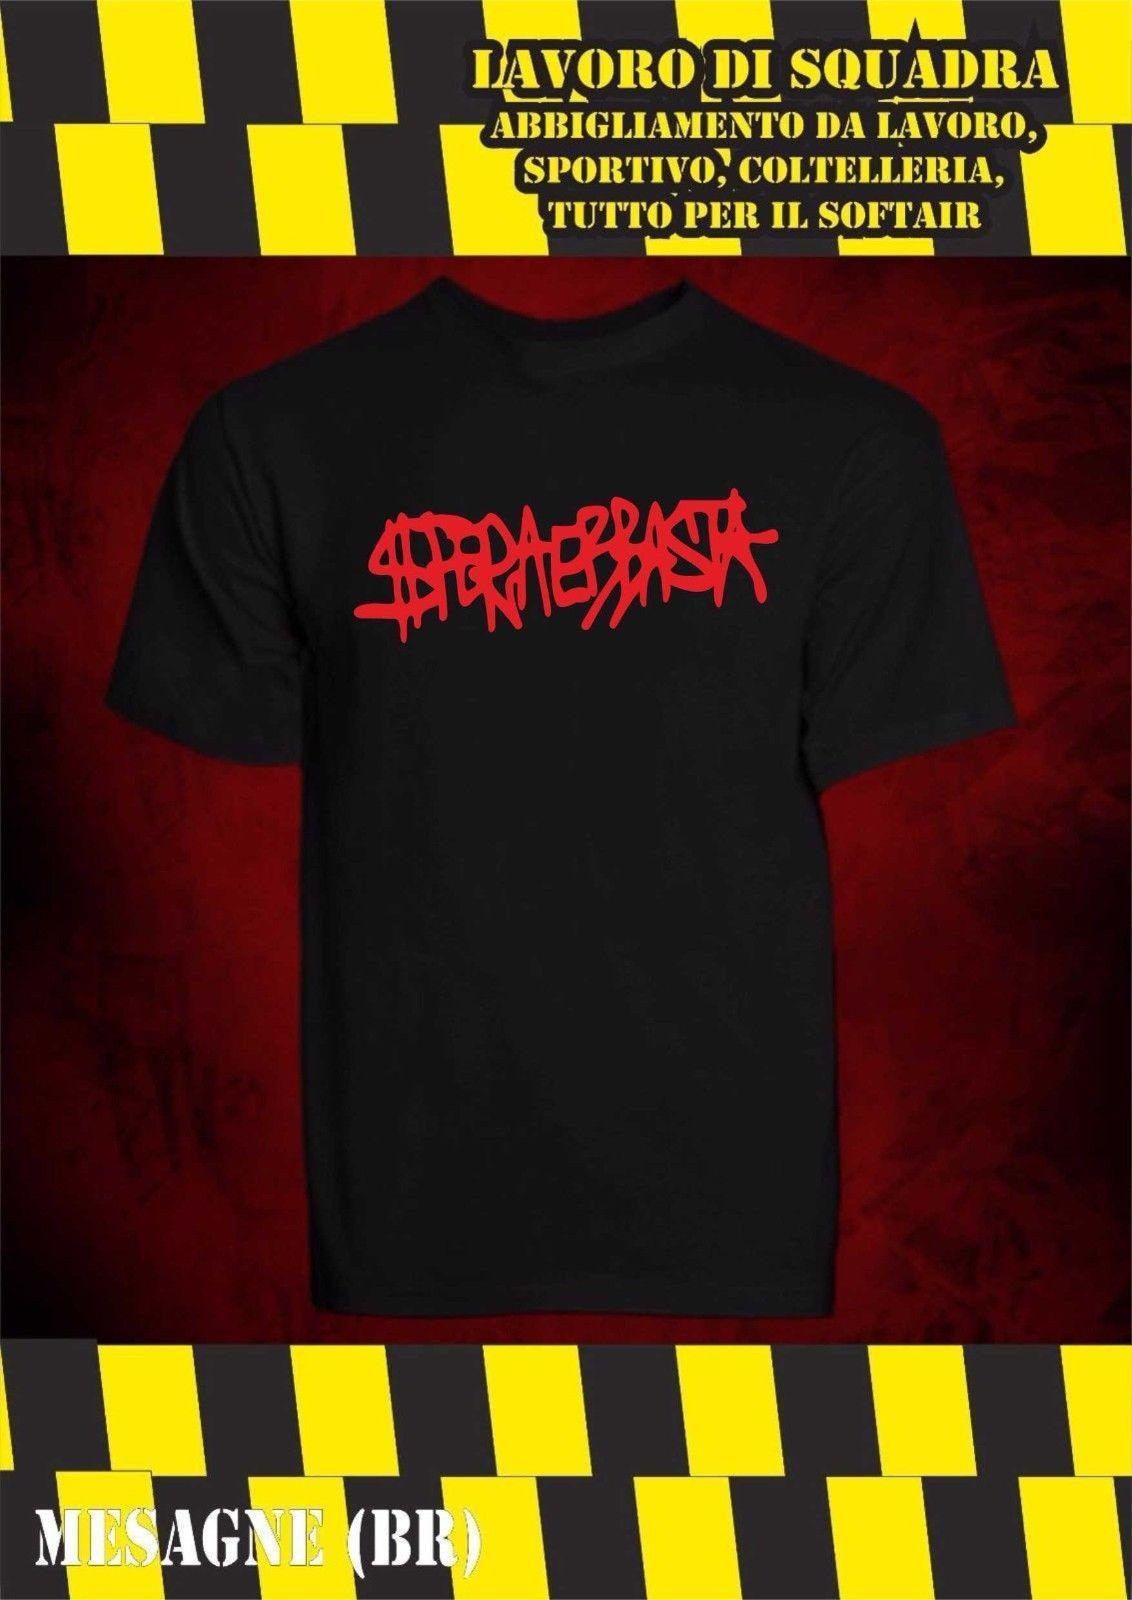 Ebbasta Shirt Rap Hip Bhmg Acquista Dexter T Hop Italiano Sfera qtxwxAO5B